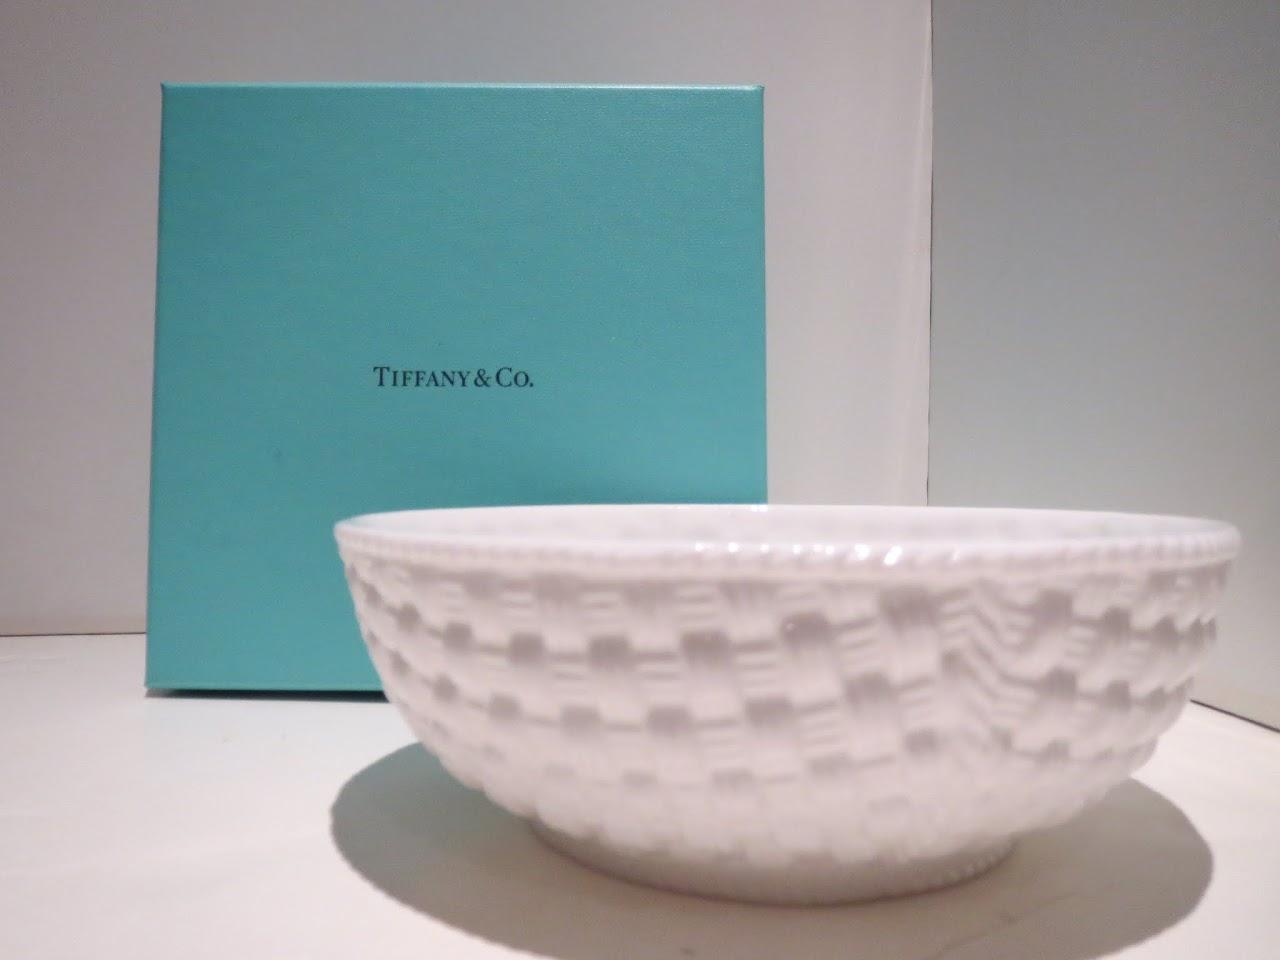 Tiffany & Co. 'Tiffany Weave' Bowl